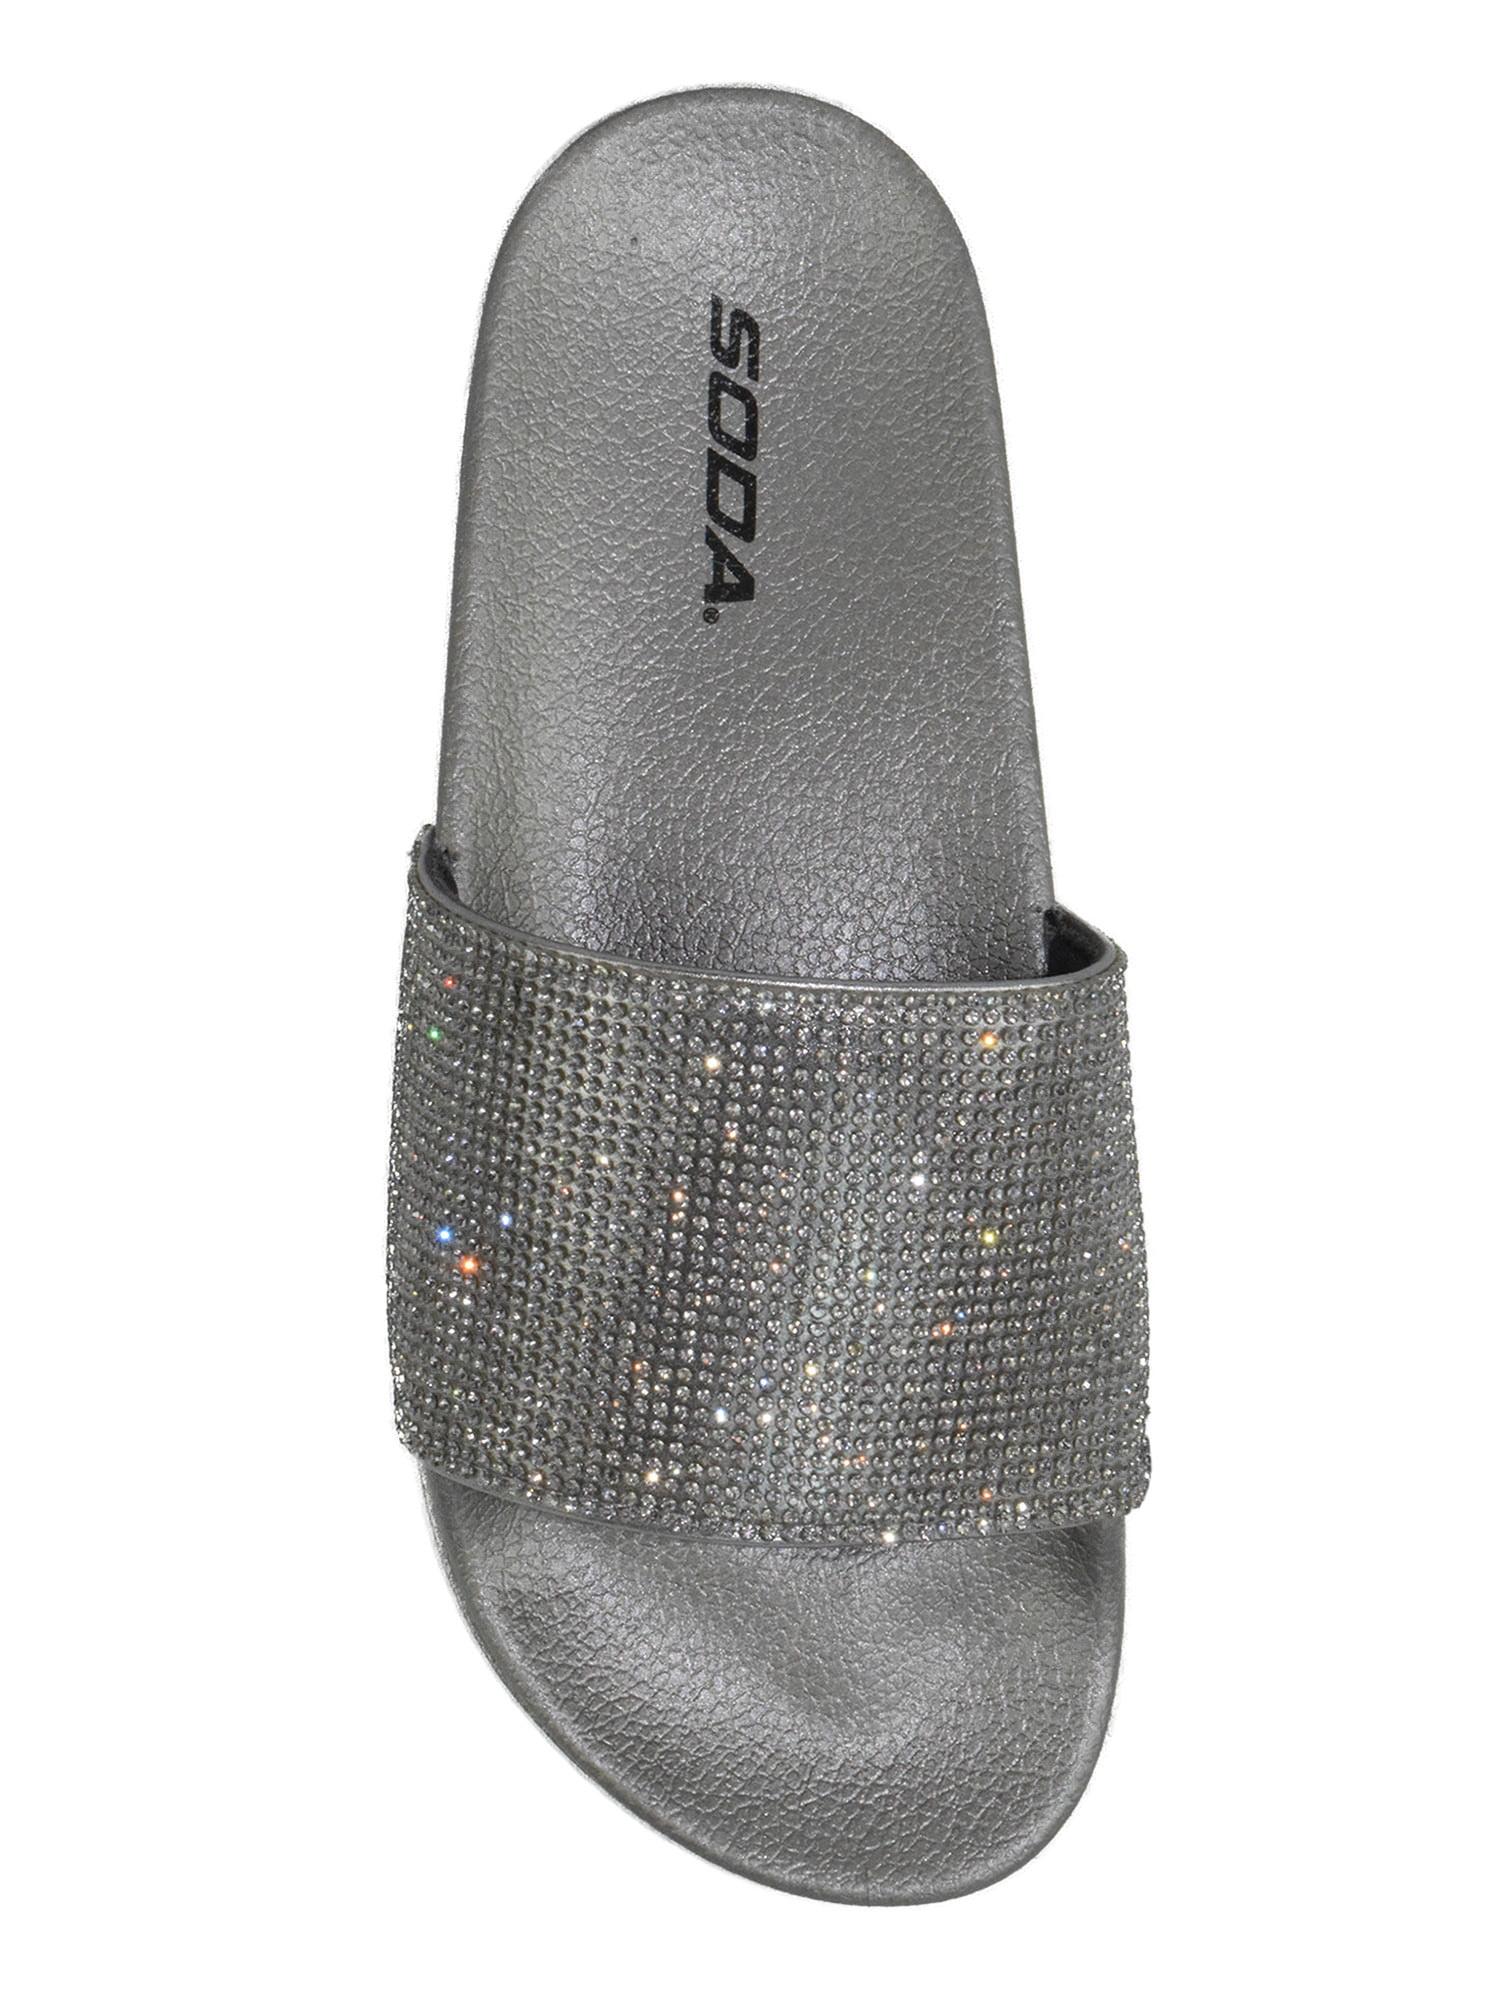 Women/'s Flat Slip On Slides Sandals Rhinestone Embellished Bamboo Dazzling-02